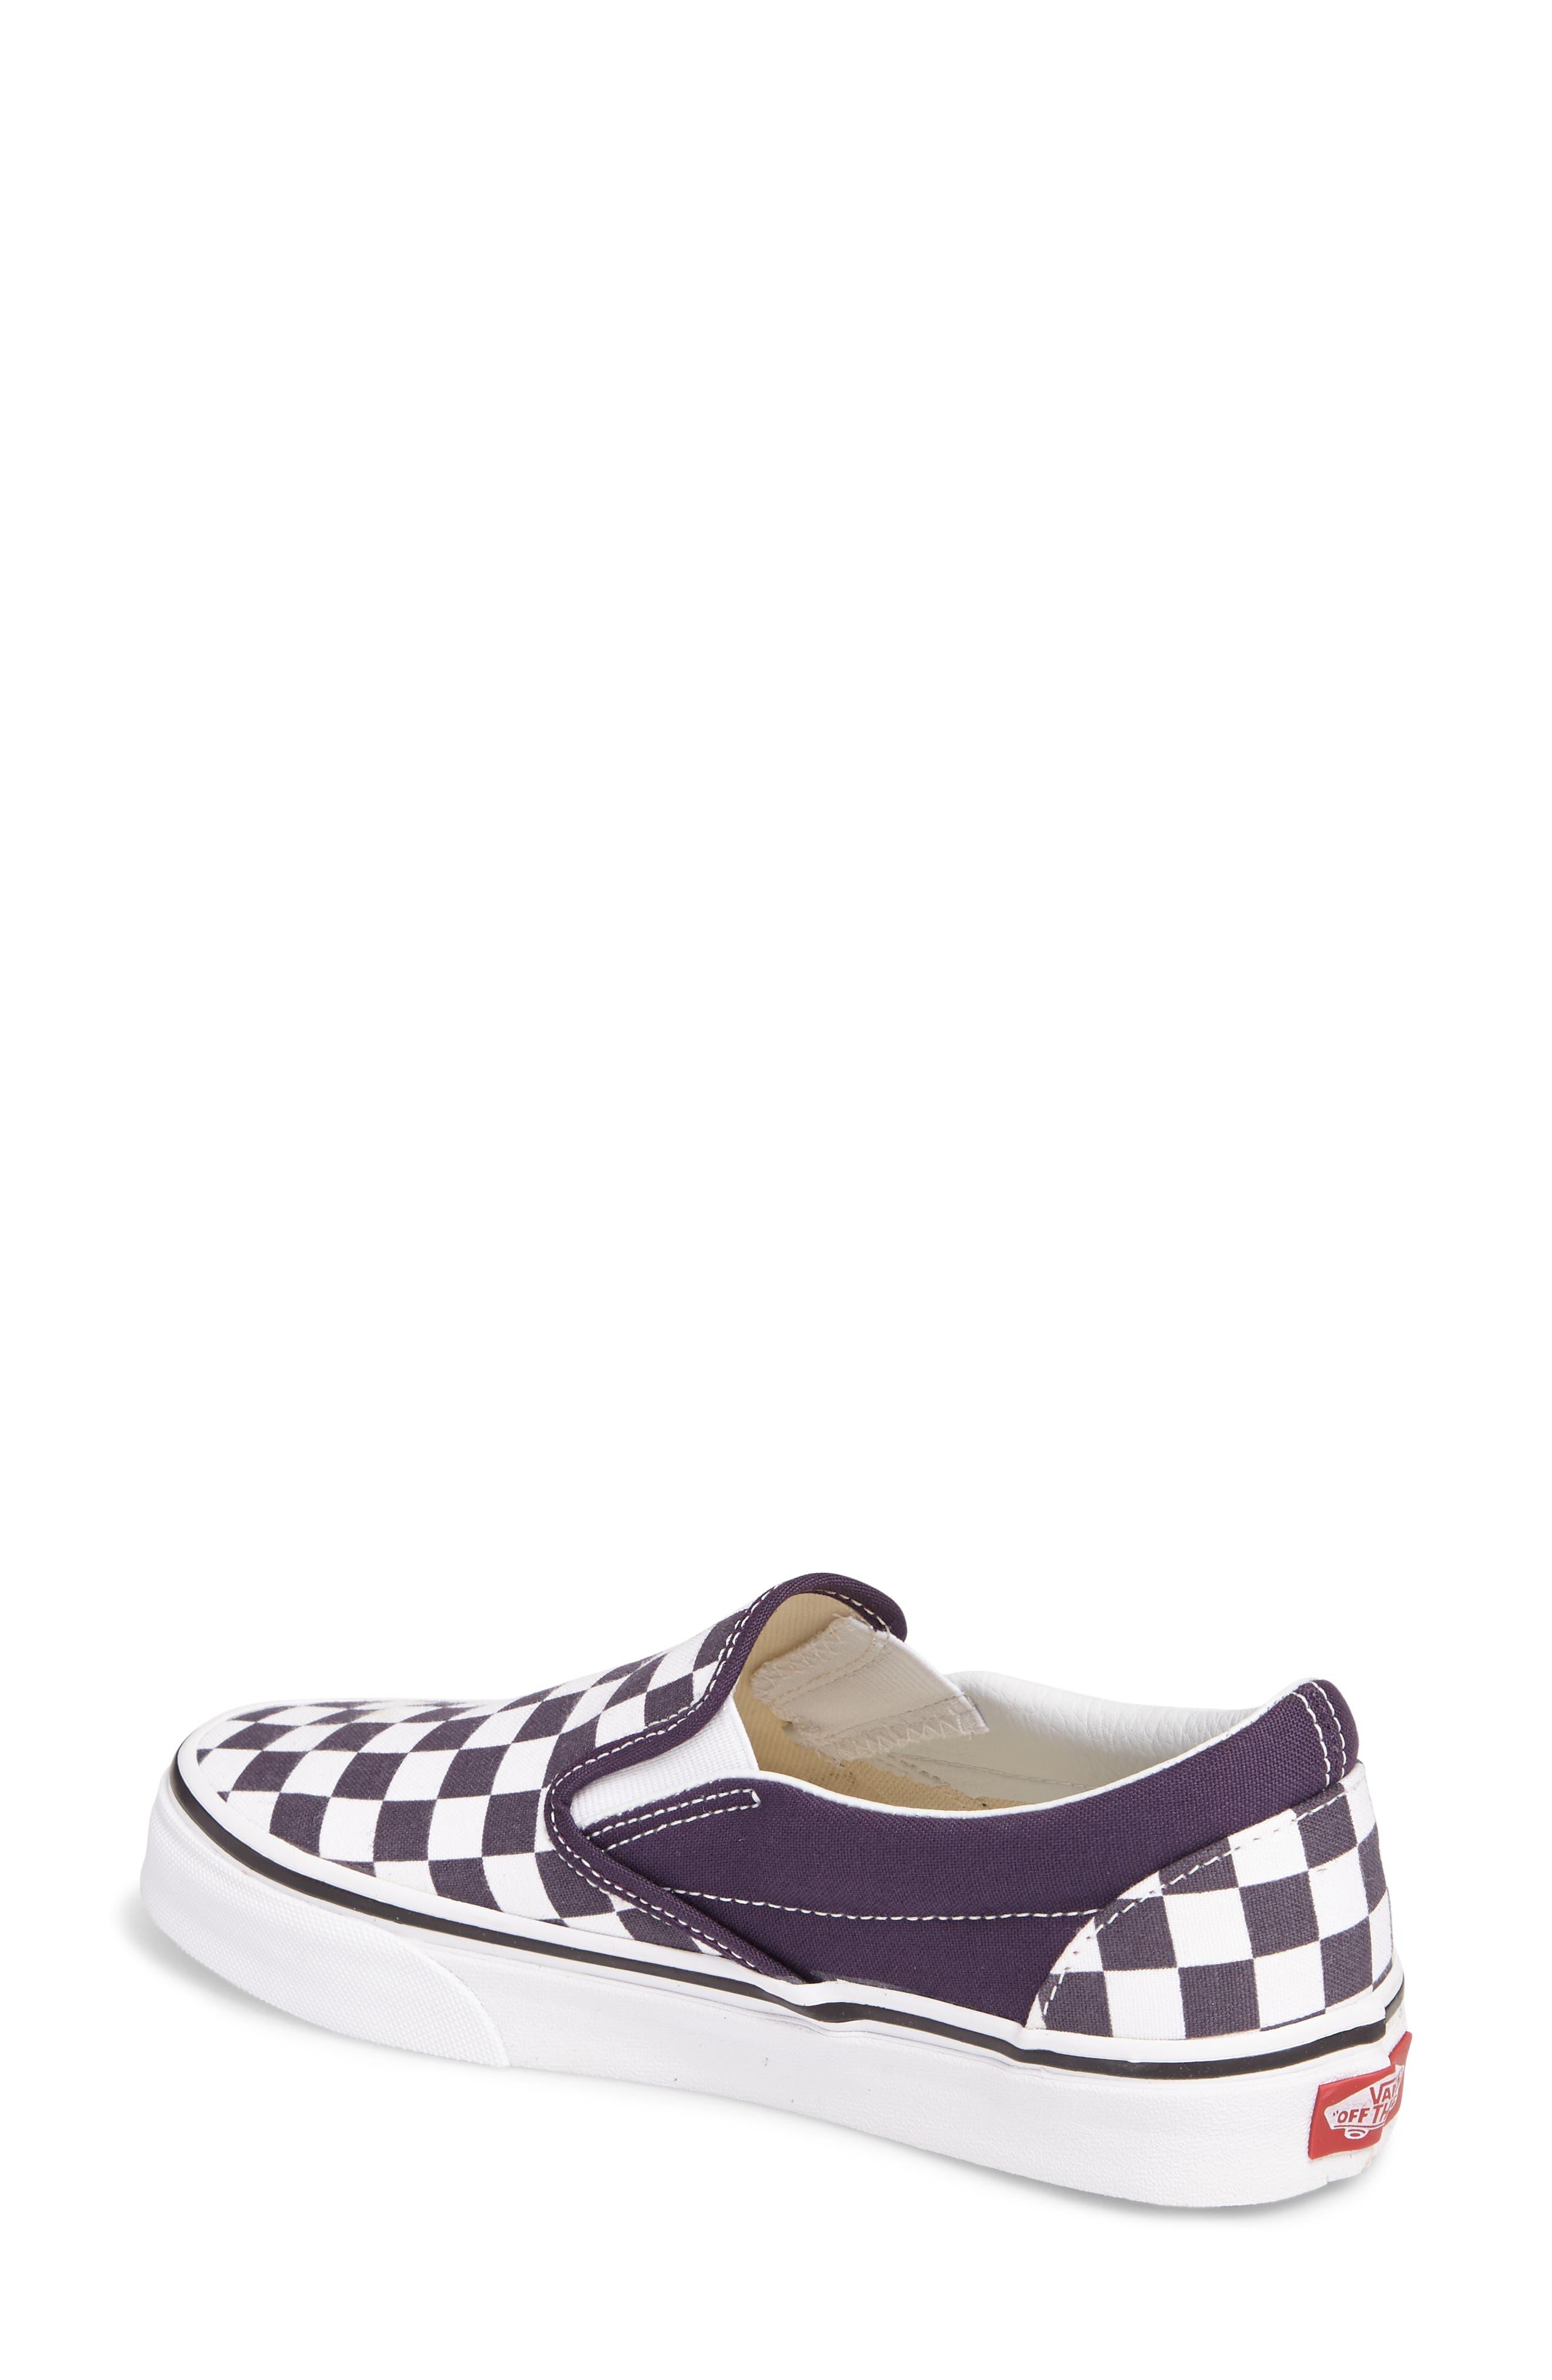 ,                             Classic Slip-On Sneaker,                             Alternate thumbnail 166, color,                             510